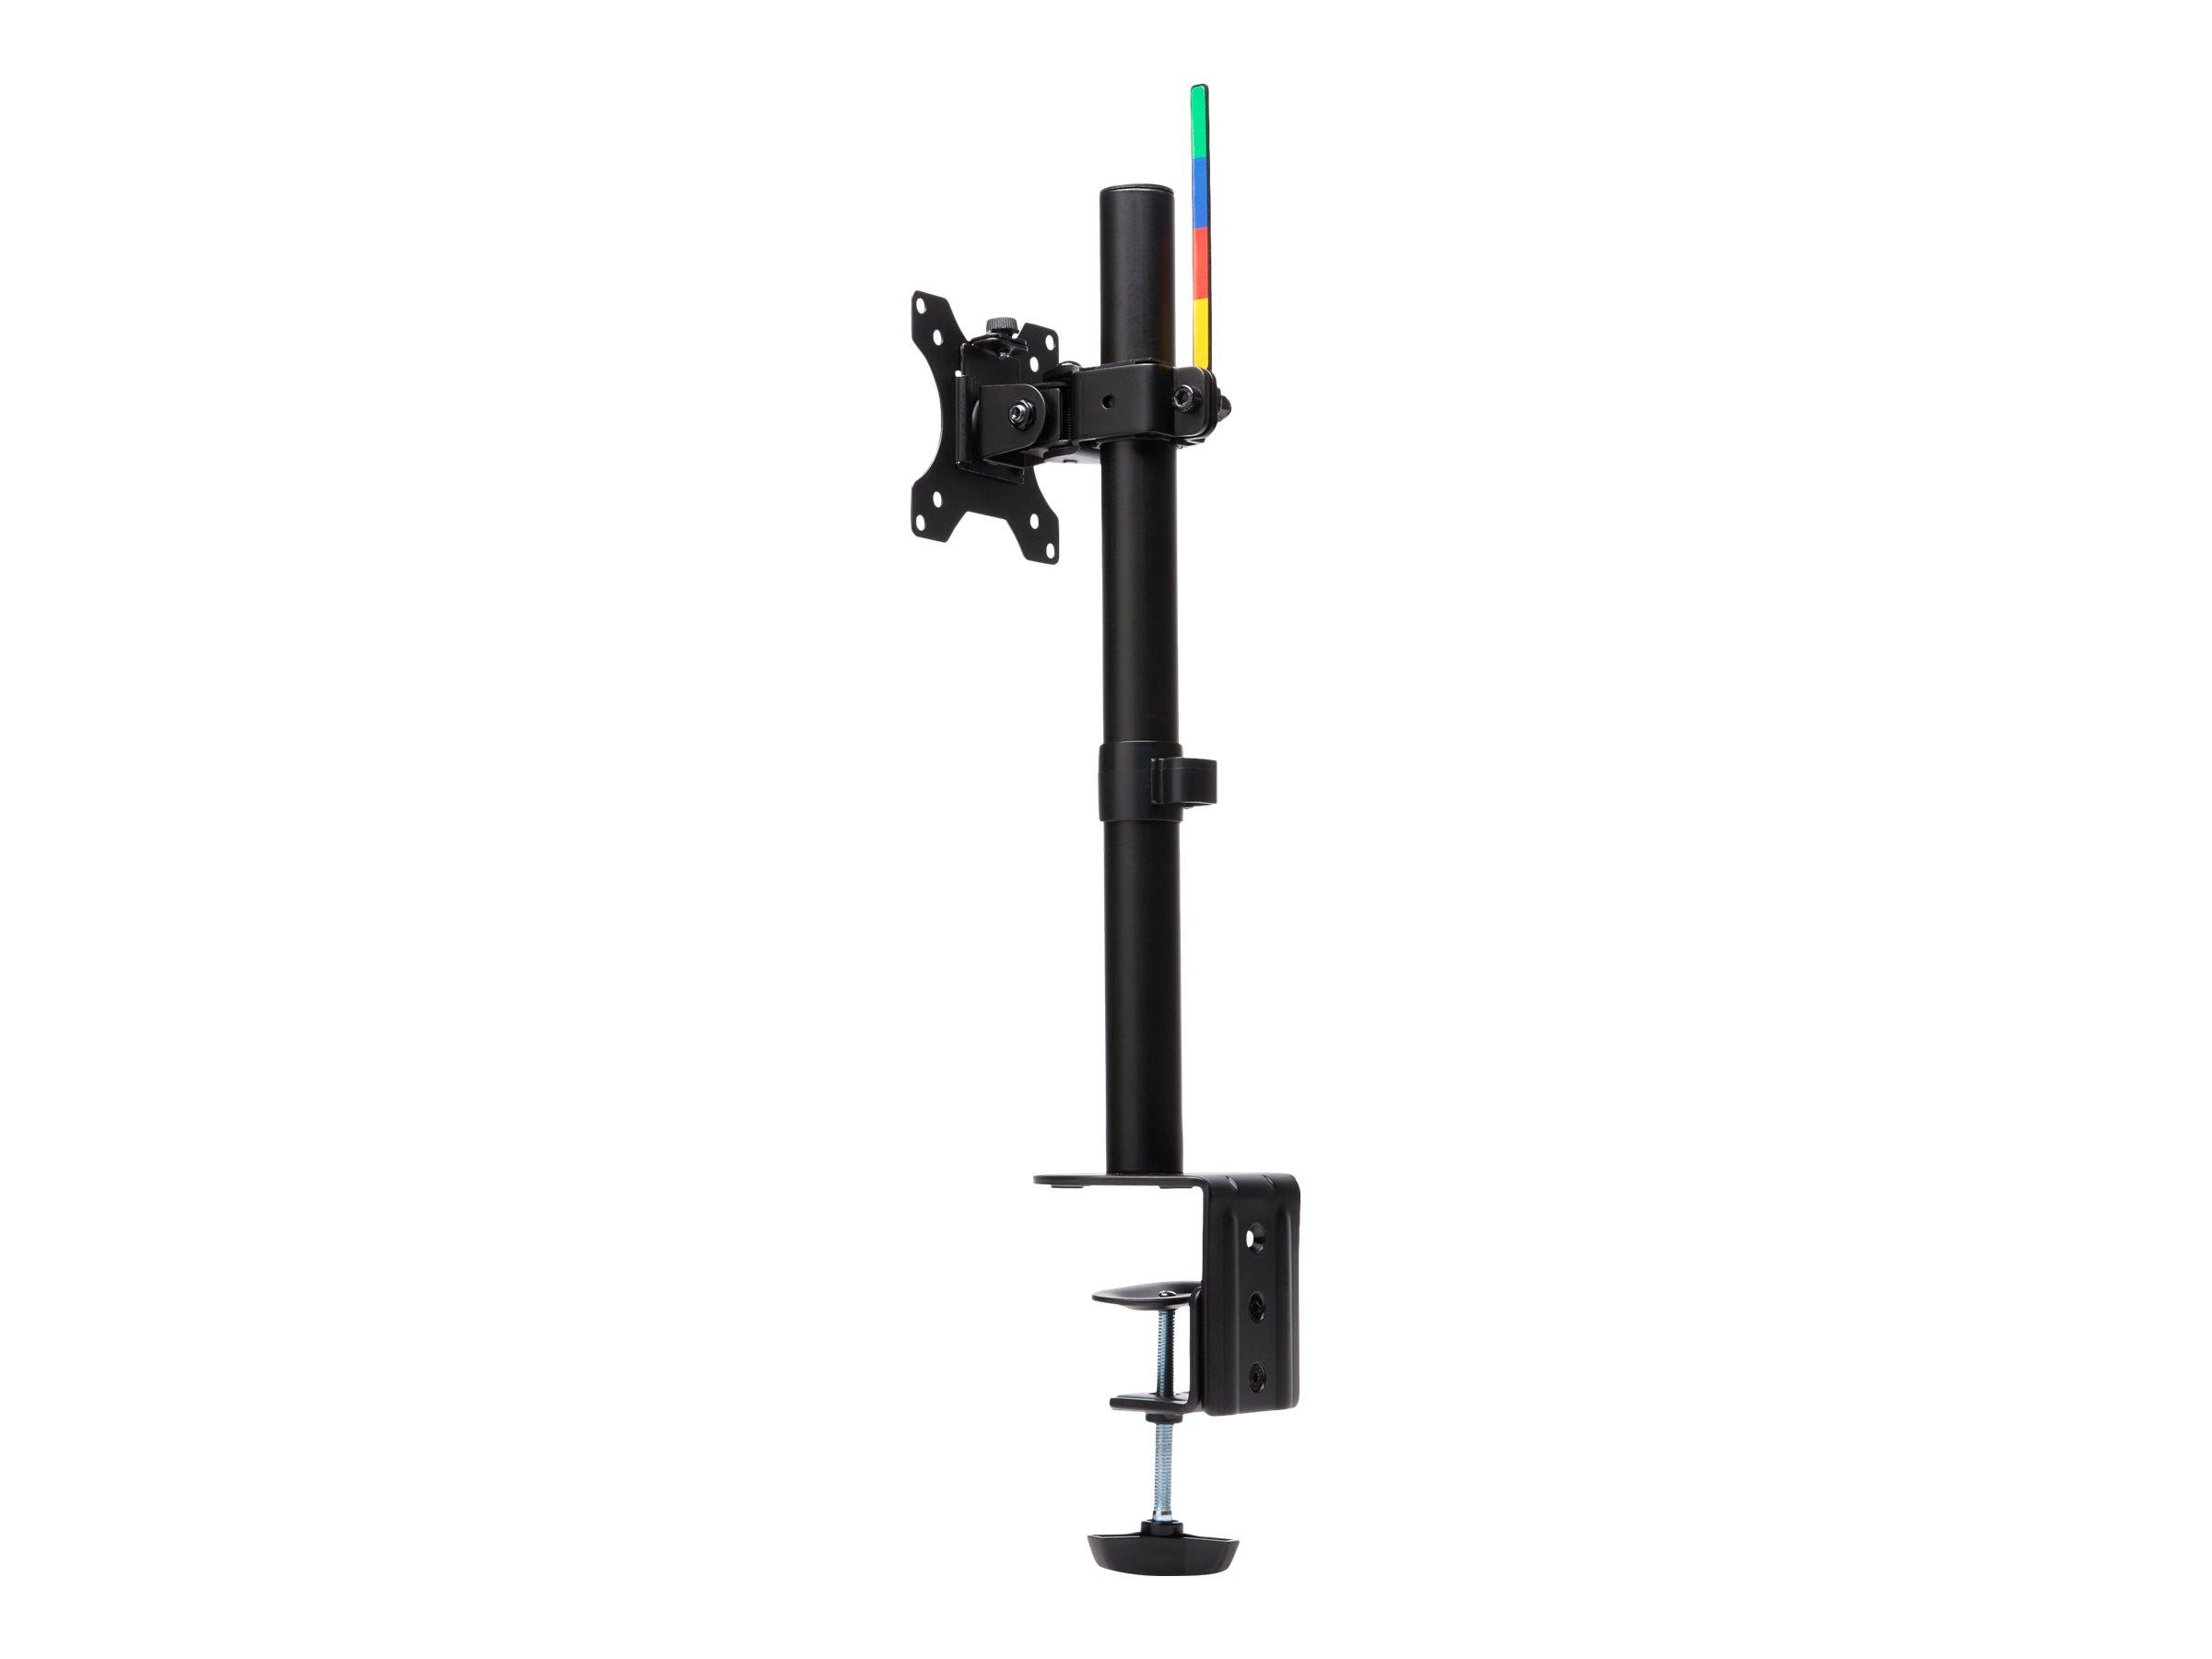 Vorschau: Kensington SmartFit Ergo Single Monitor Arm - Tischhalterung für Monitor (einstellbarer Arm)